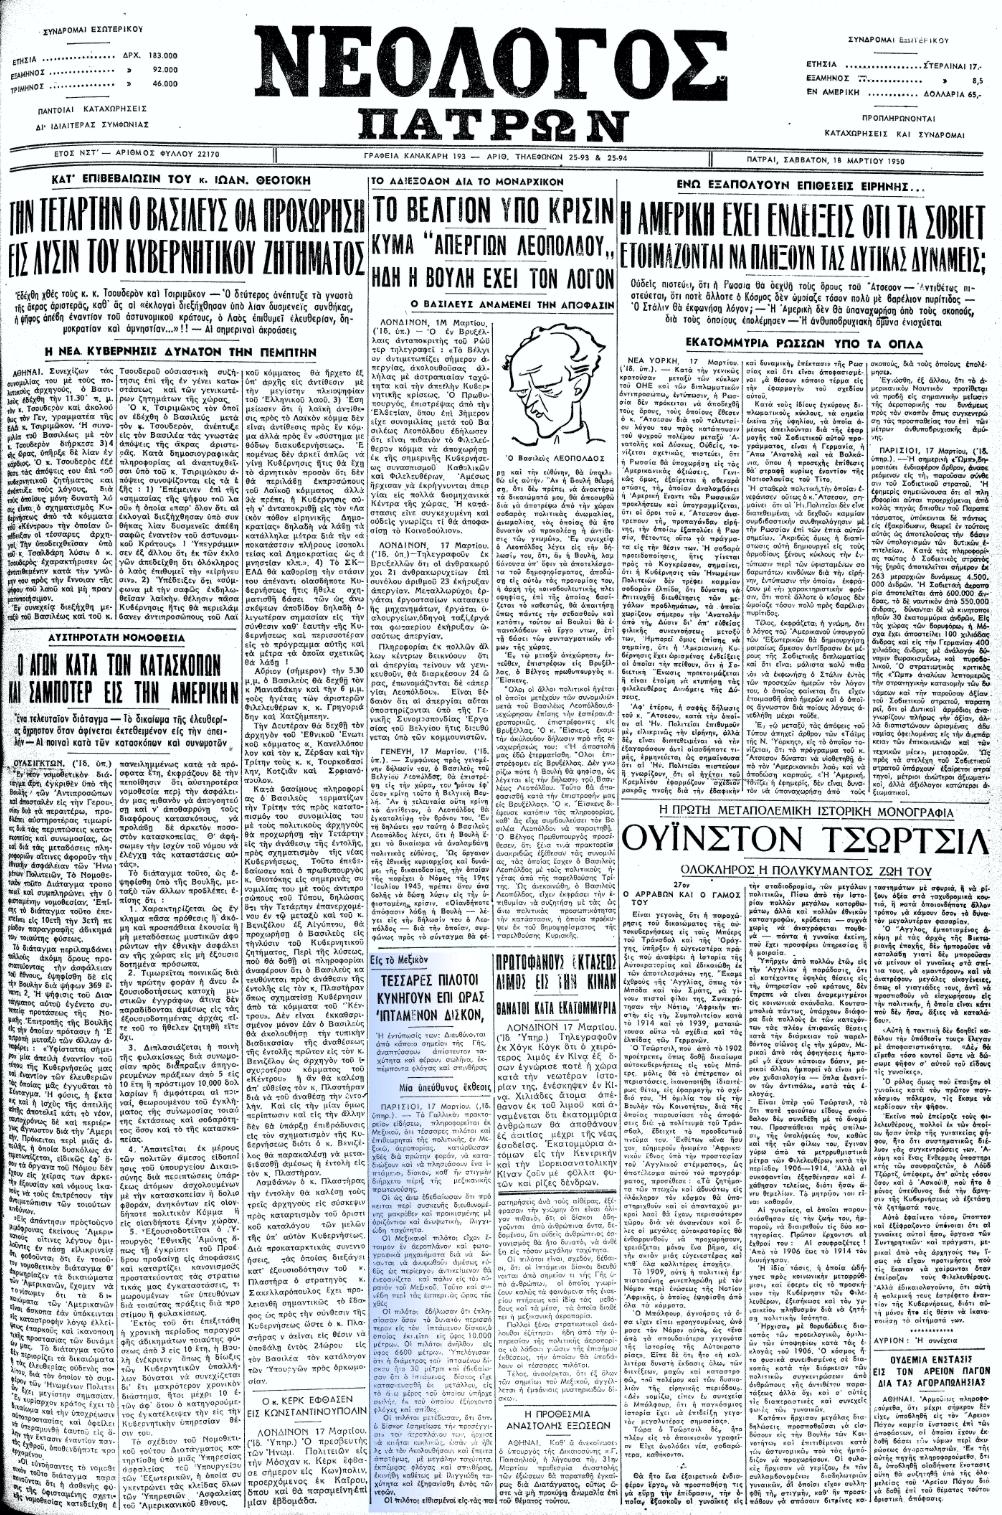 """Το άρθρο, όπως δημοσιεύθηκε στην εφημερίδα """"ΝΕΟΛΟΓΟΣ ΠΑΤΡΩΝ"""", στις 18/03/1950"""